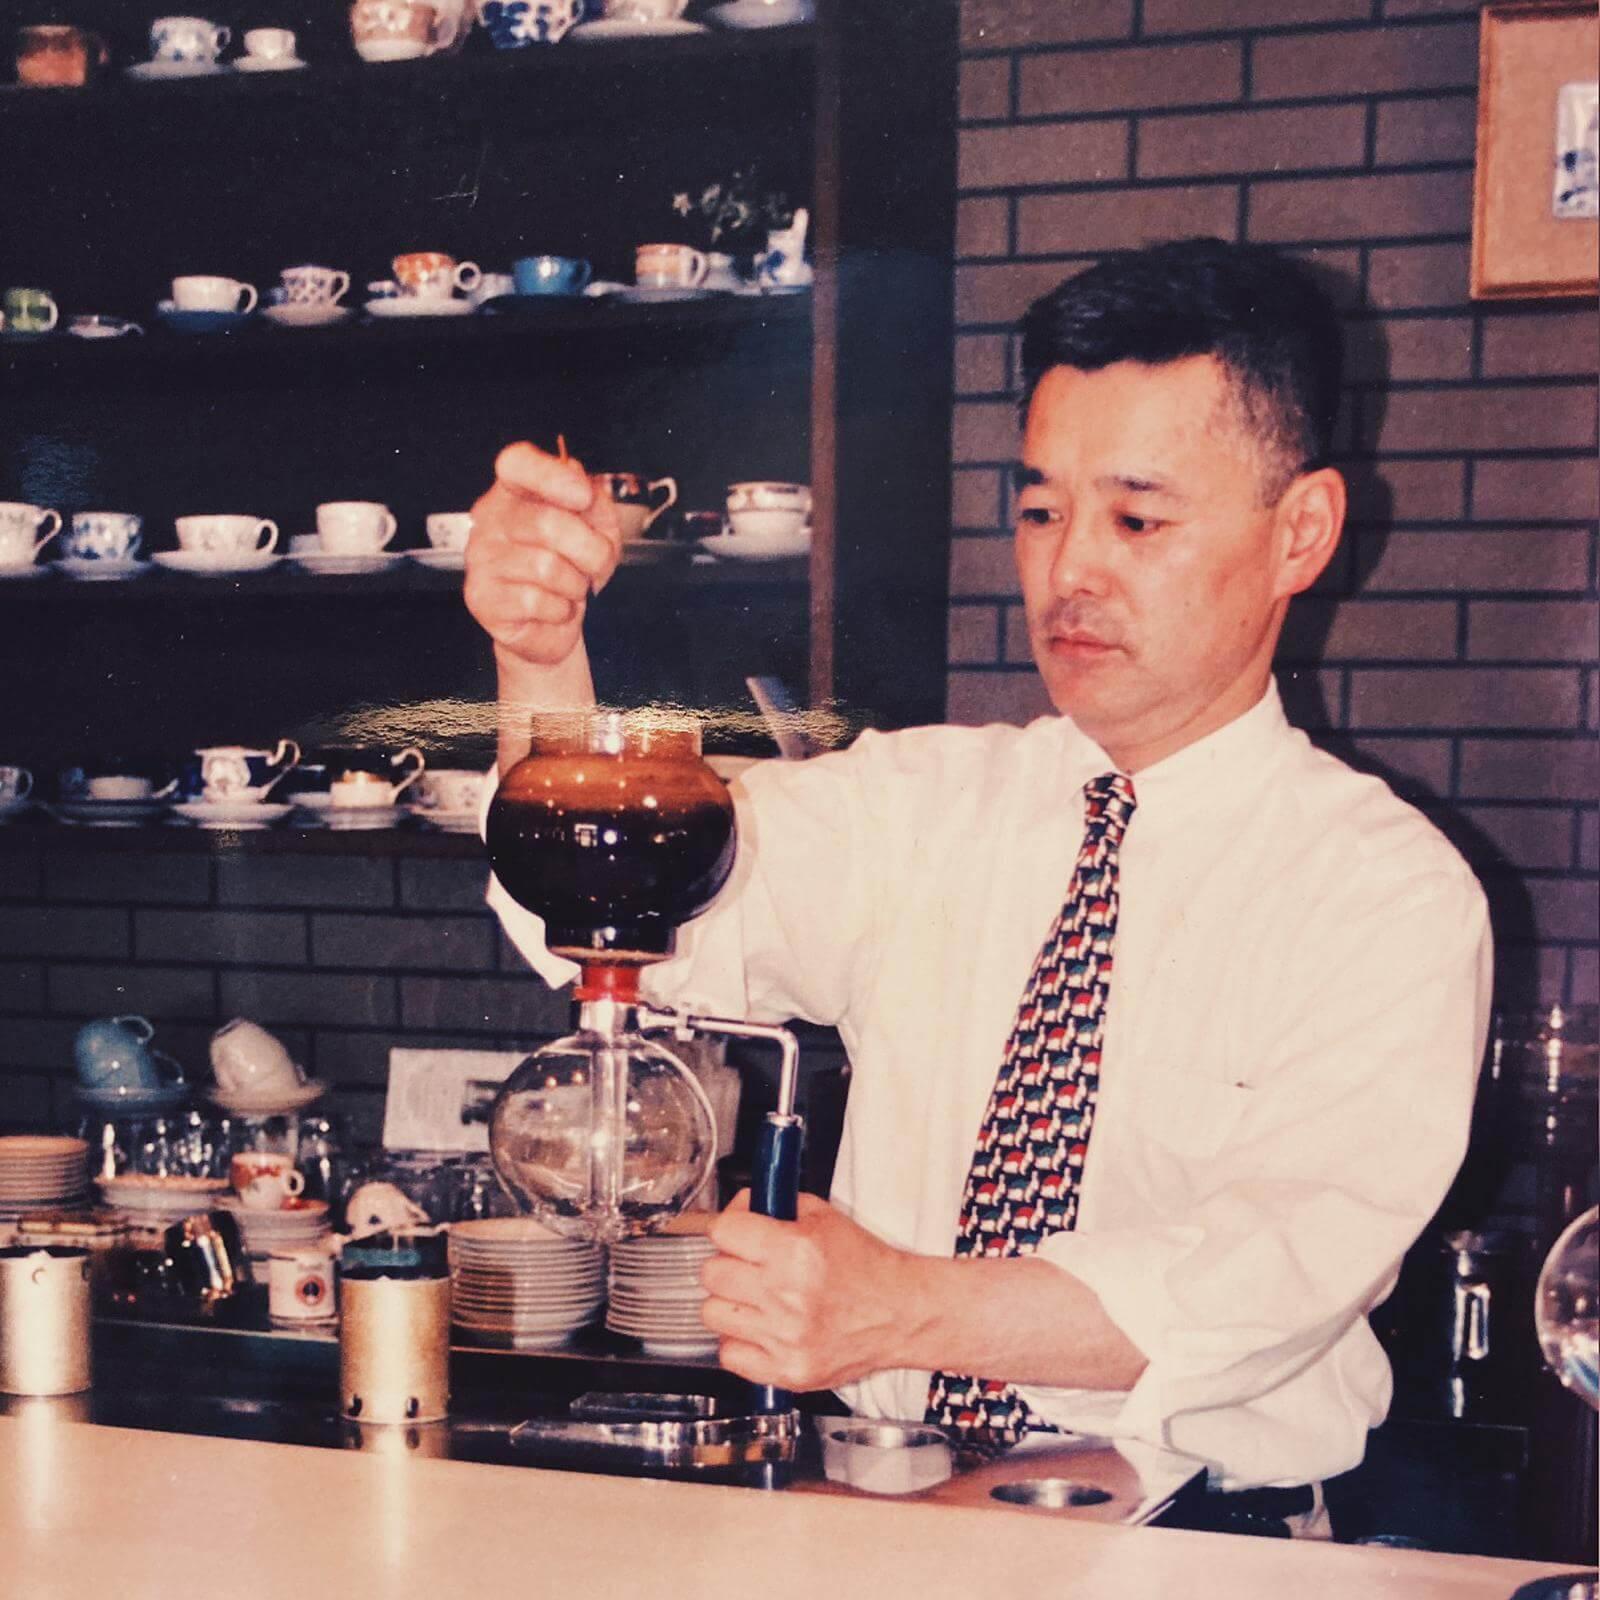 創辦人長谷川慎一,多年來堅持用自家焙煎嘅咖啡豆泡製虹吸咖啡。